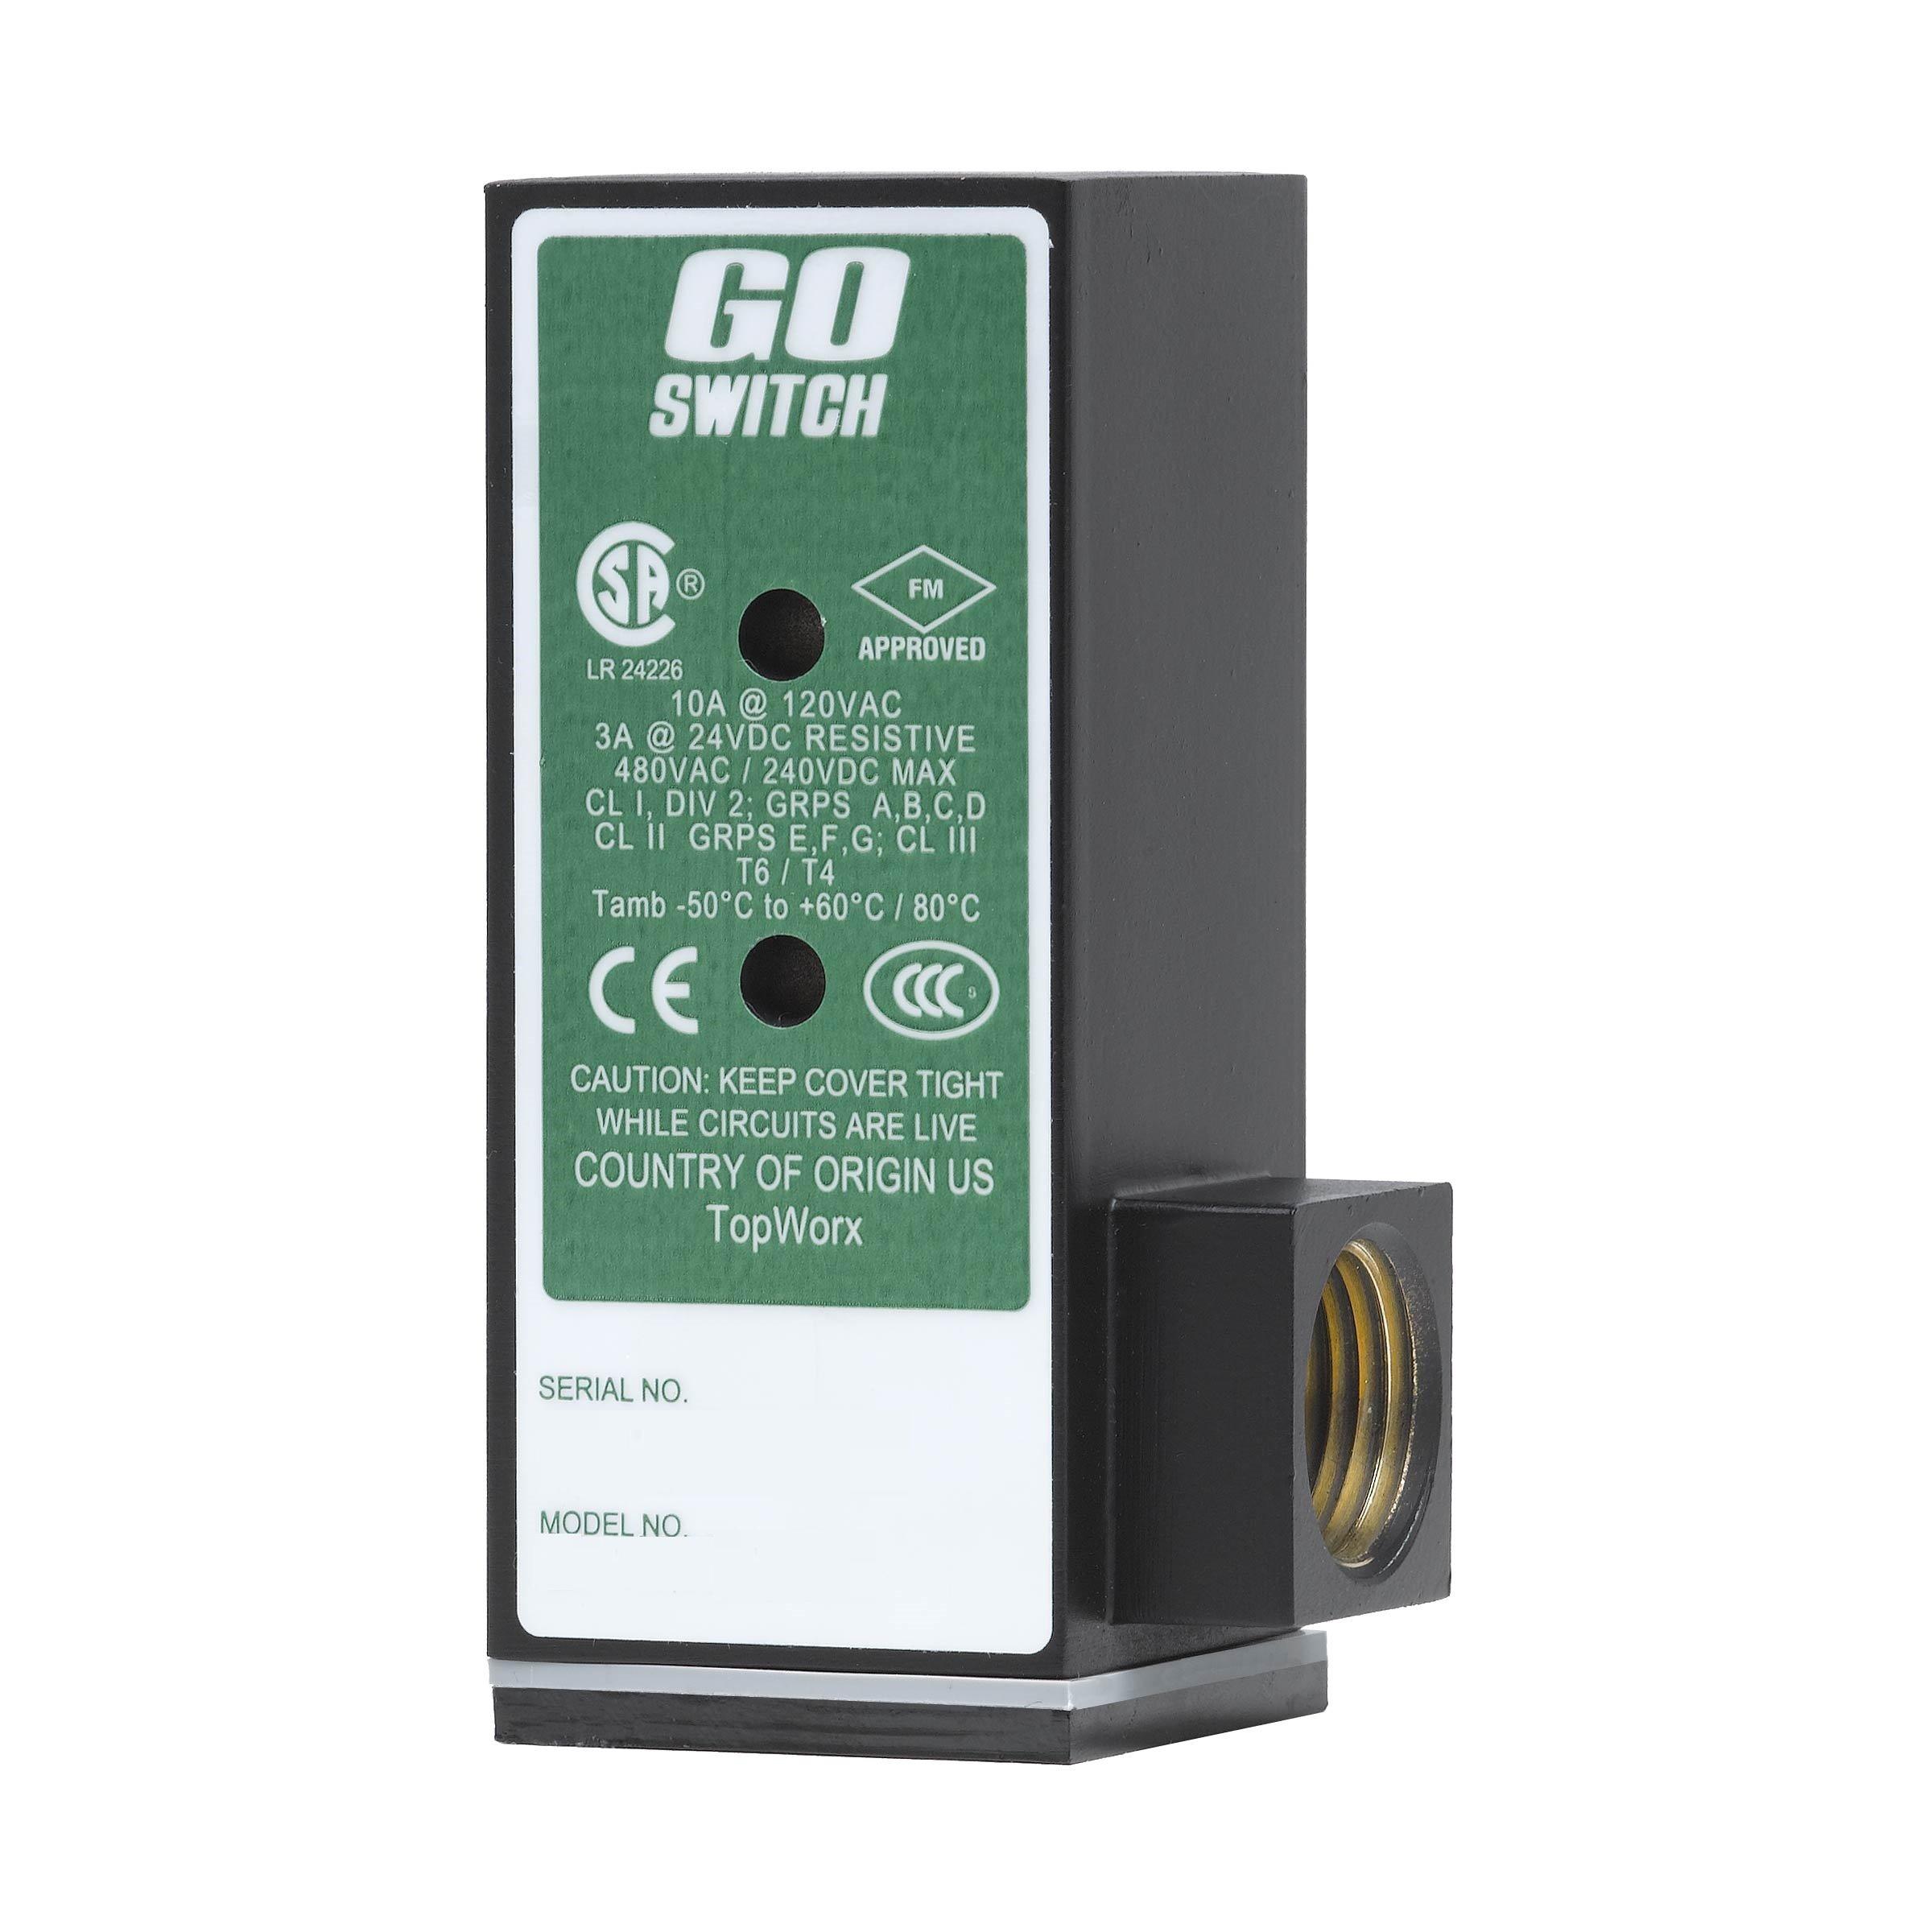 1//2 NPT Conduit GO Switch 11-12110-00 CSA//FM CL1 Div 2 Exp-Proof 14 mm Sensing Distance Limit Switch Style 10A//120VAC Terminal 1.5 x 1.5 x 5